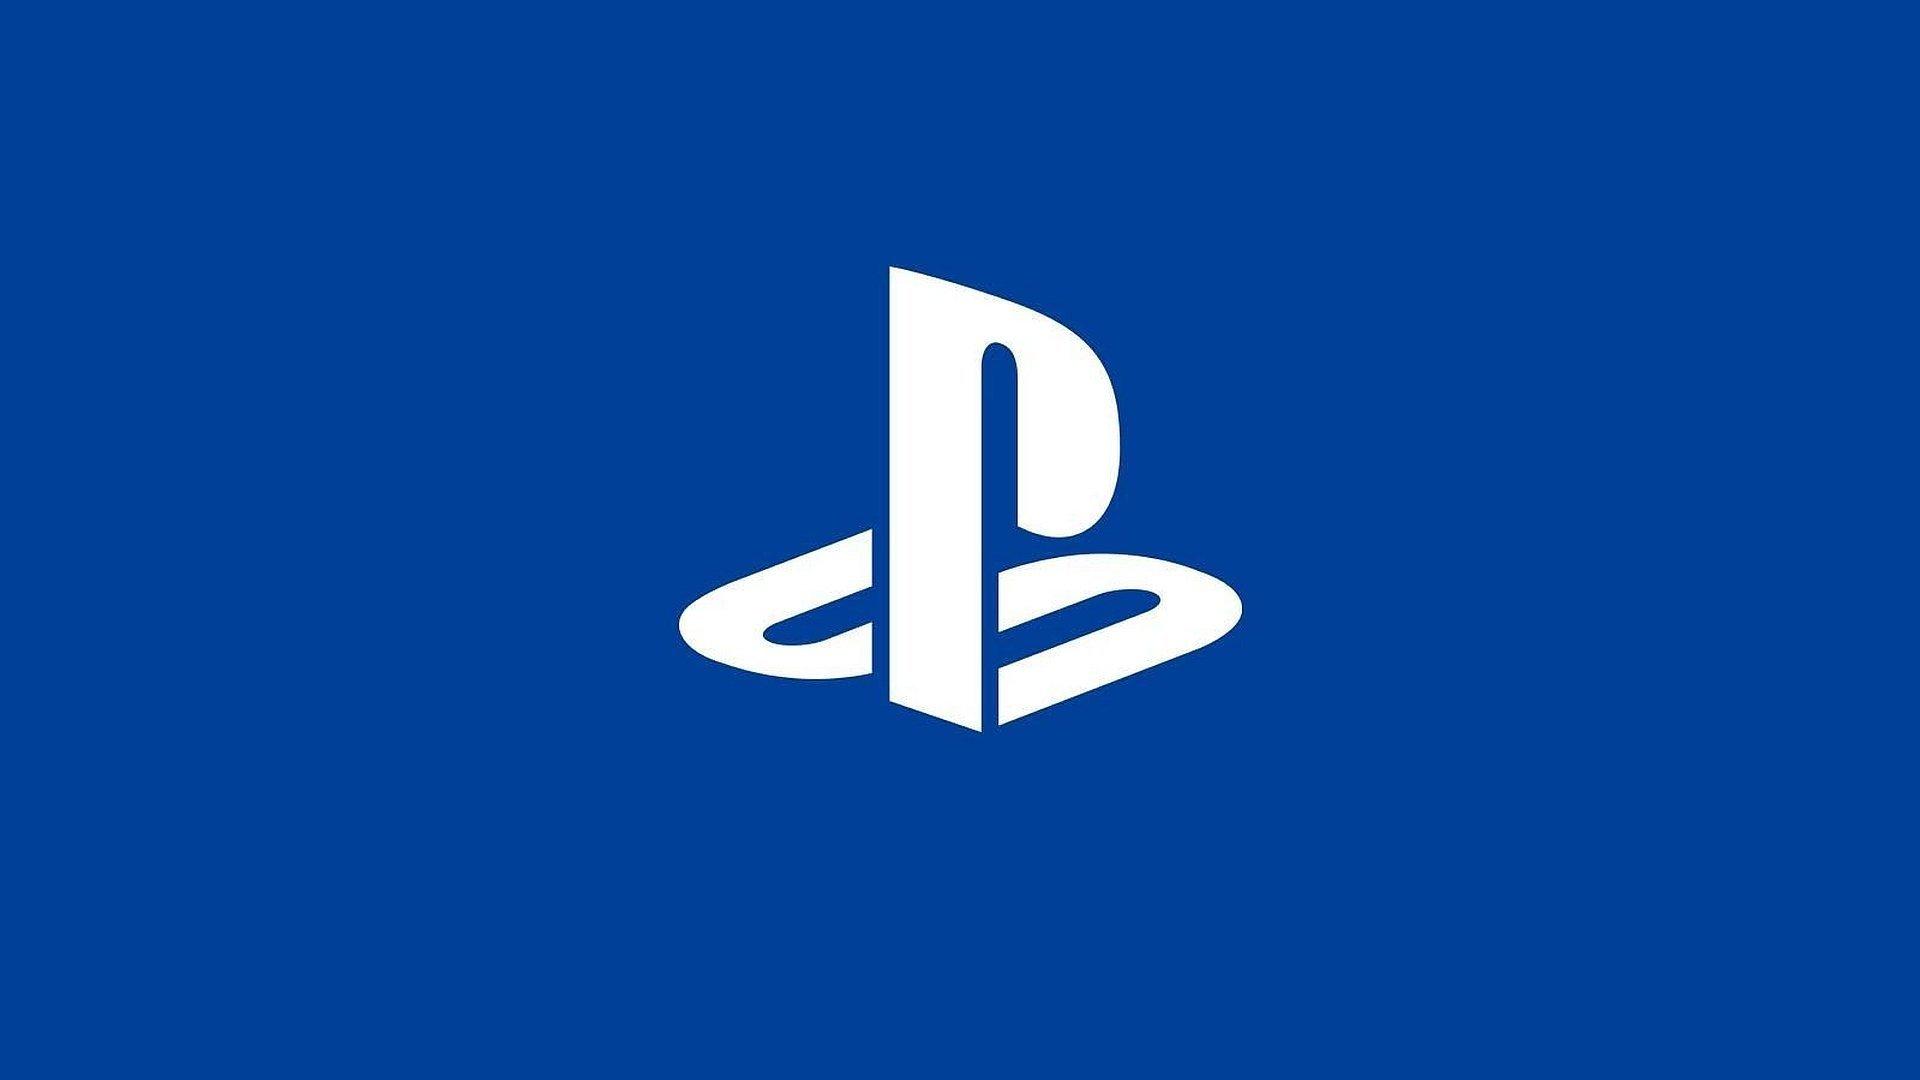 PS5: Sony conferma di essere al lavoro su una nuova console